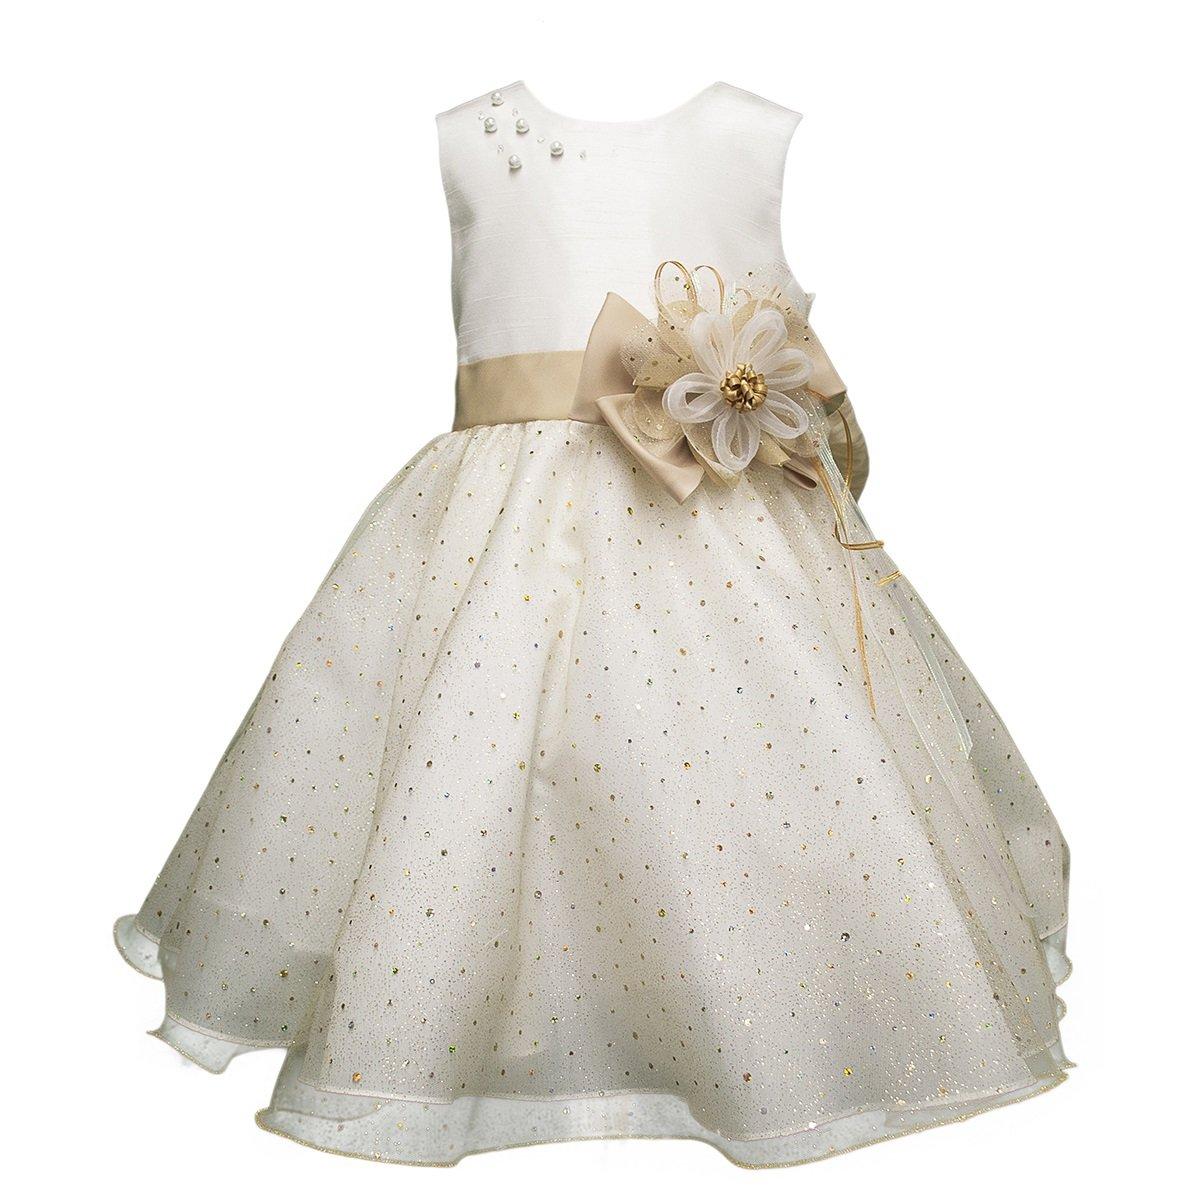 c2b24a8129 Vestidos de nina para fiesta en sears – Vestidos de boda